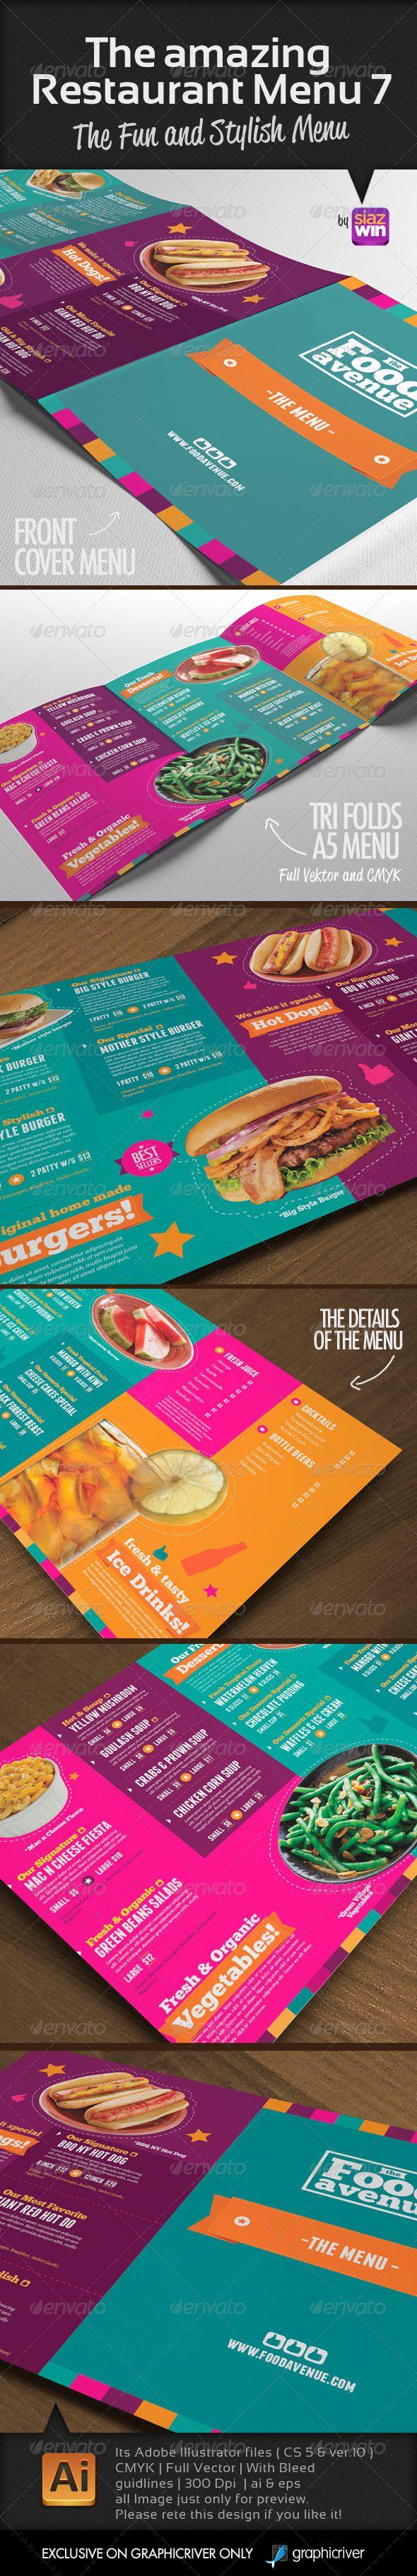 The Amazing Restaurant Menu 7 #GraphicRiver http://franchise.avenue.eu.com/